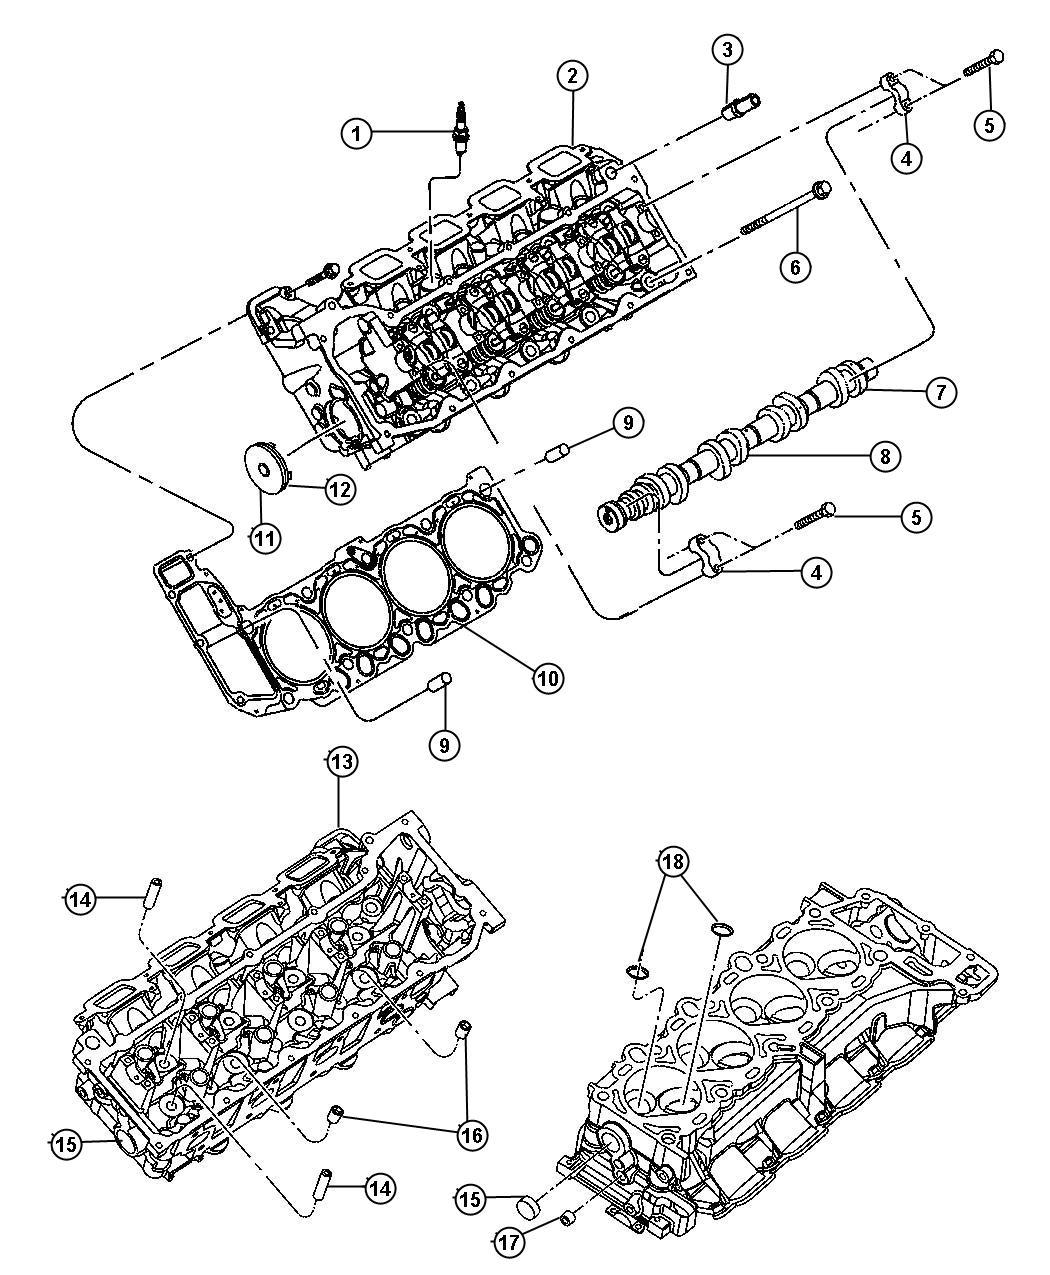 Supercharged V8 Engine